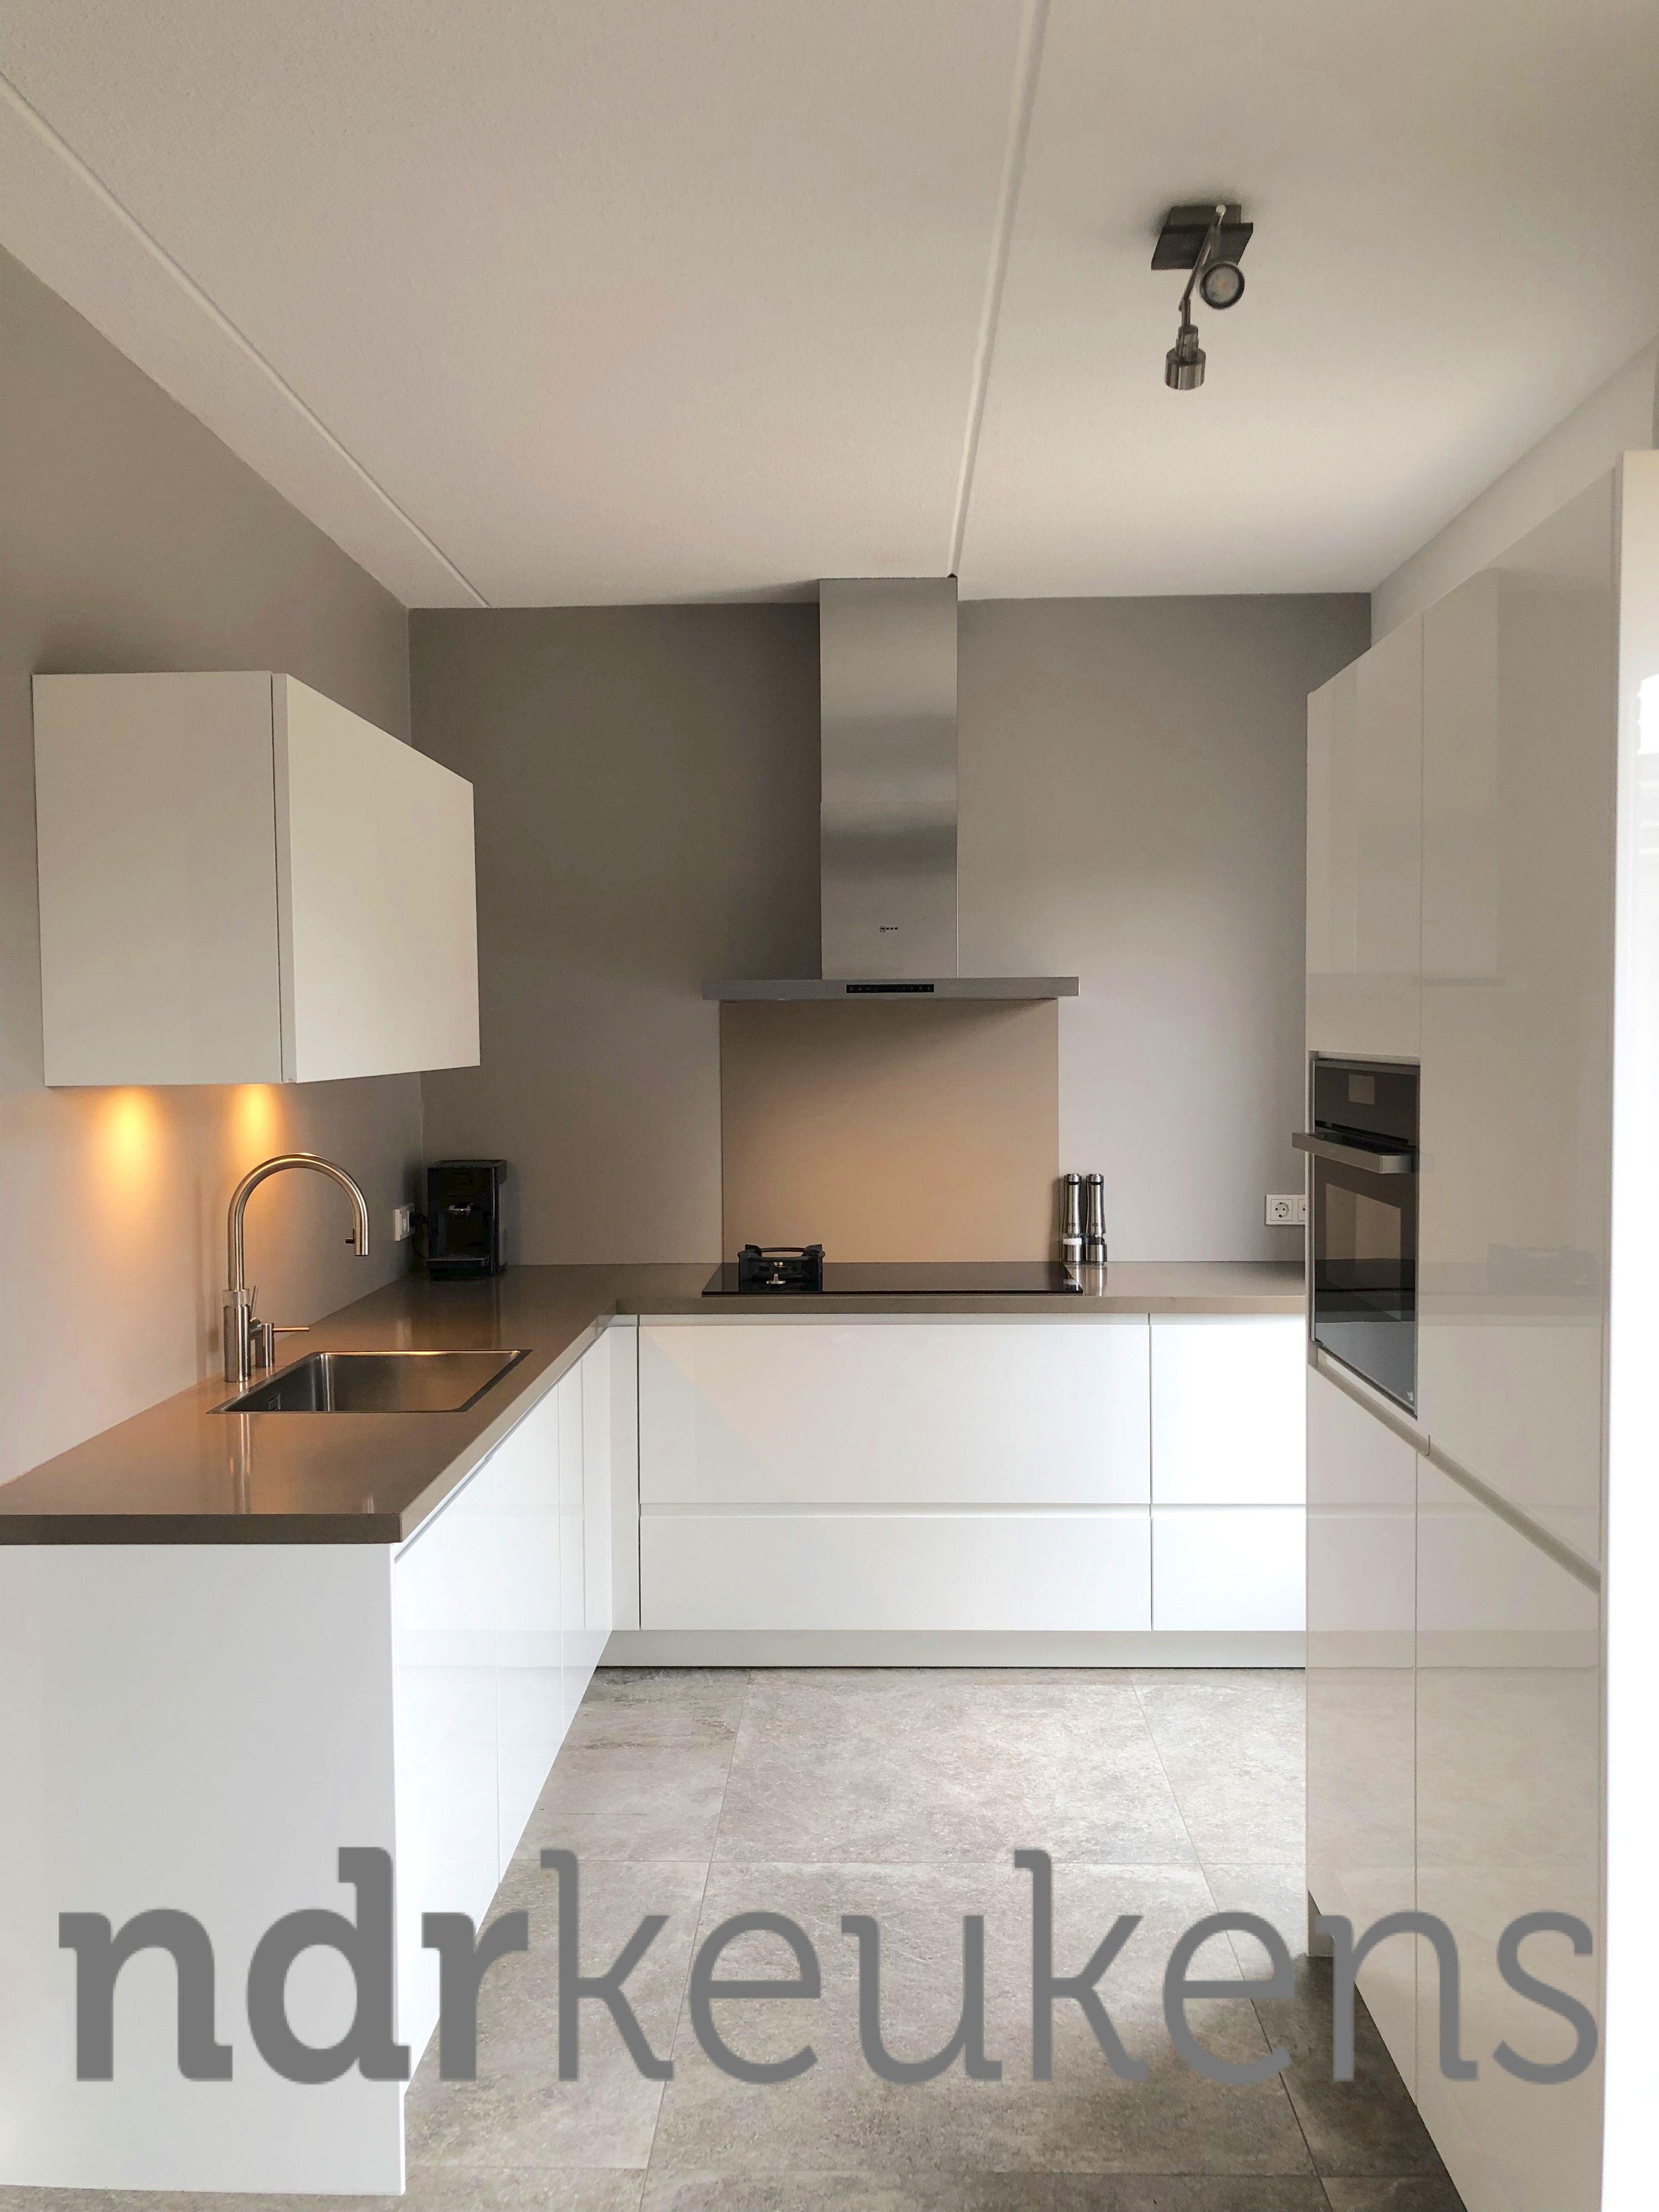 Strakke Greeploze Keuken In Hoogglans Wit Keuken Idee Witte Hoogglans Keuken Keuken Achterwand Glas